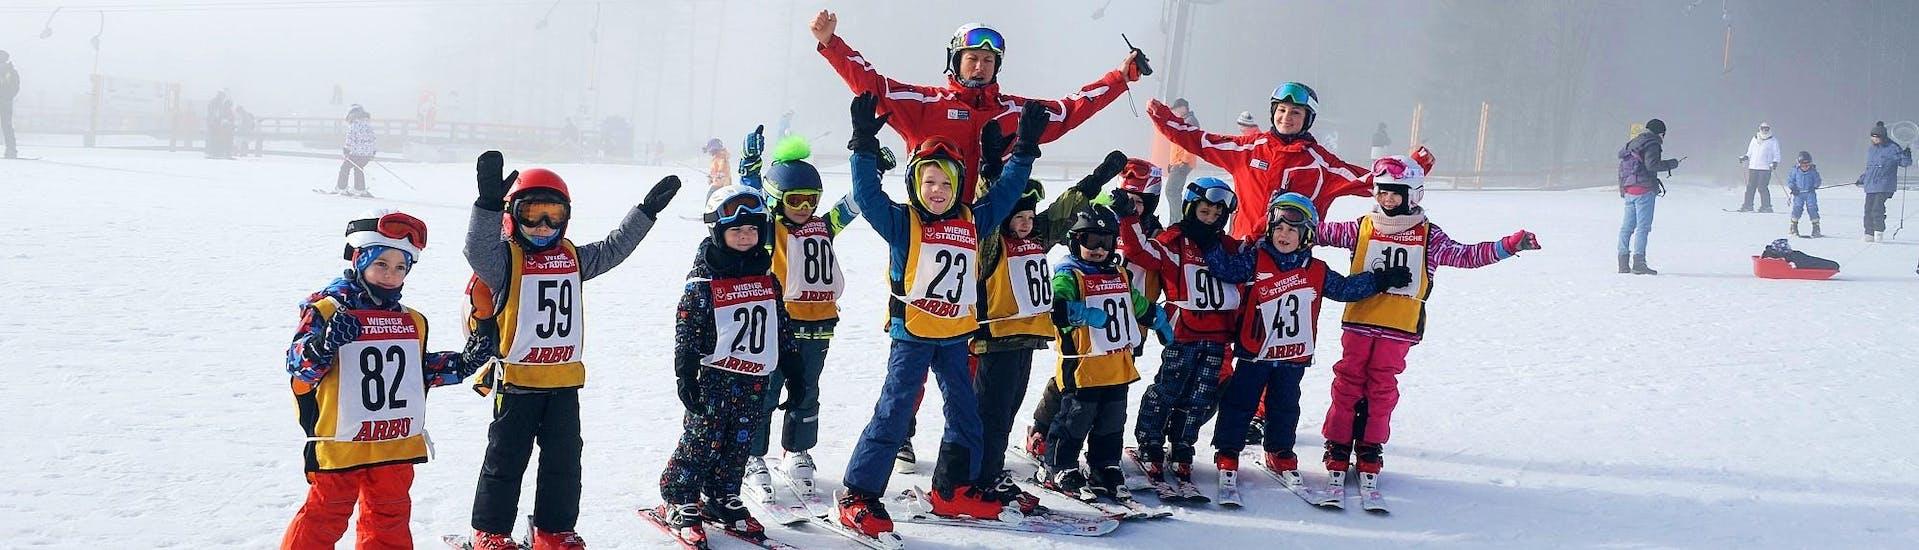 kids-ski-lessons-bambini-3-5-y-halfday-holidays-skischule-semmering-hero